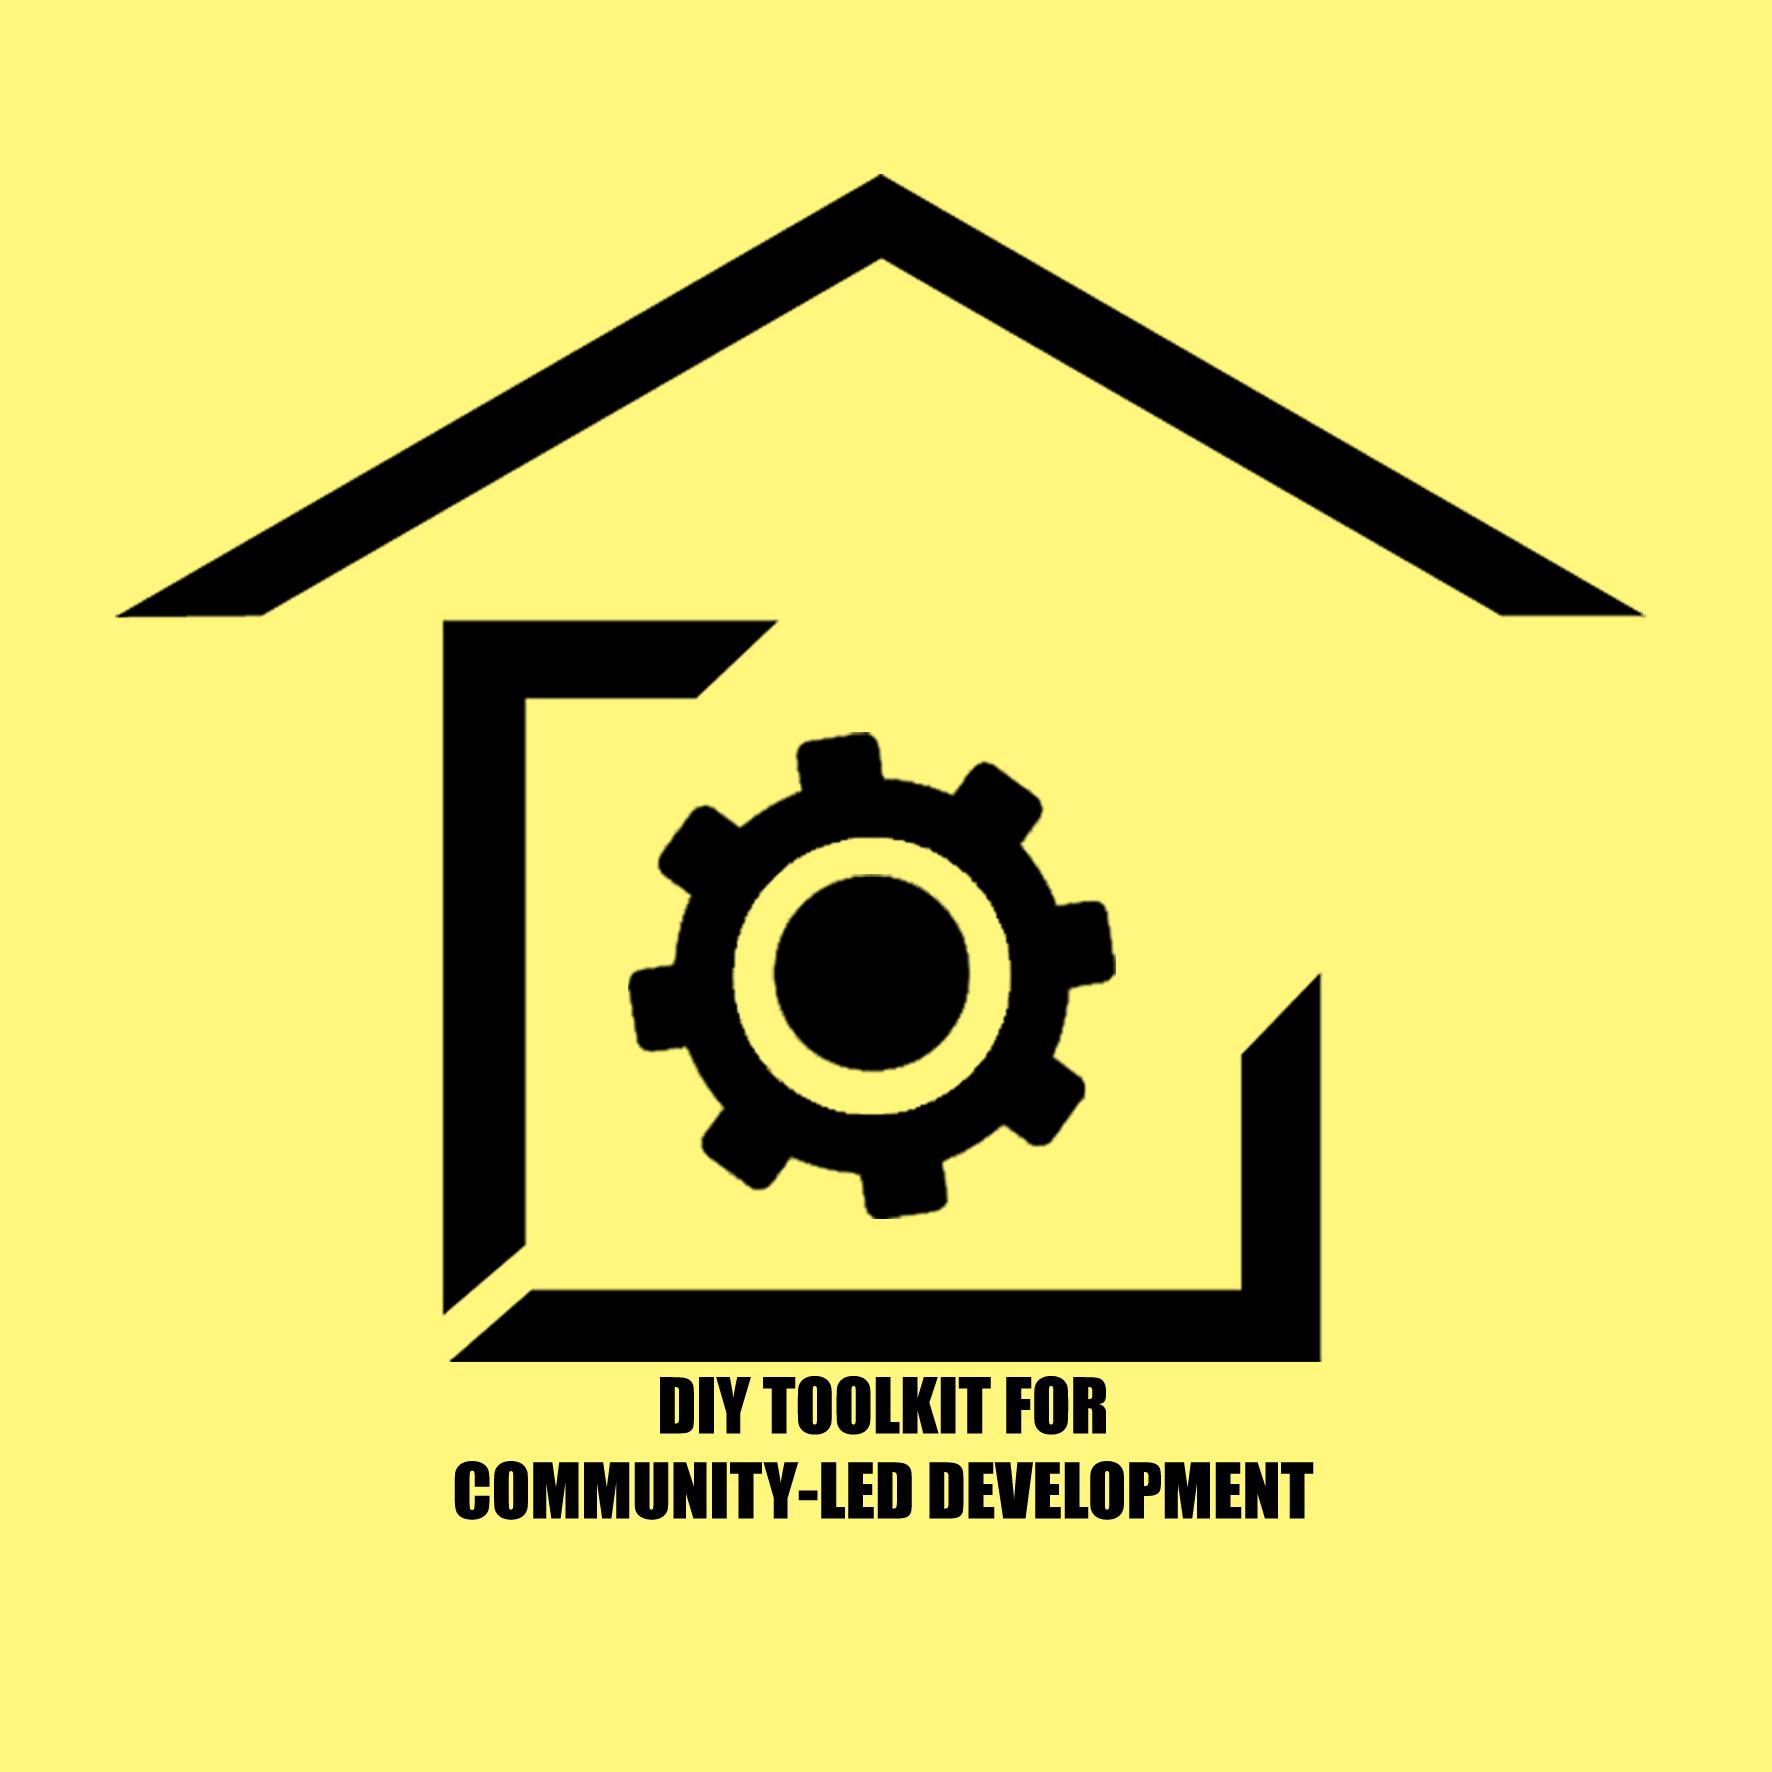 DIY Toolkit for Community Led Development